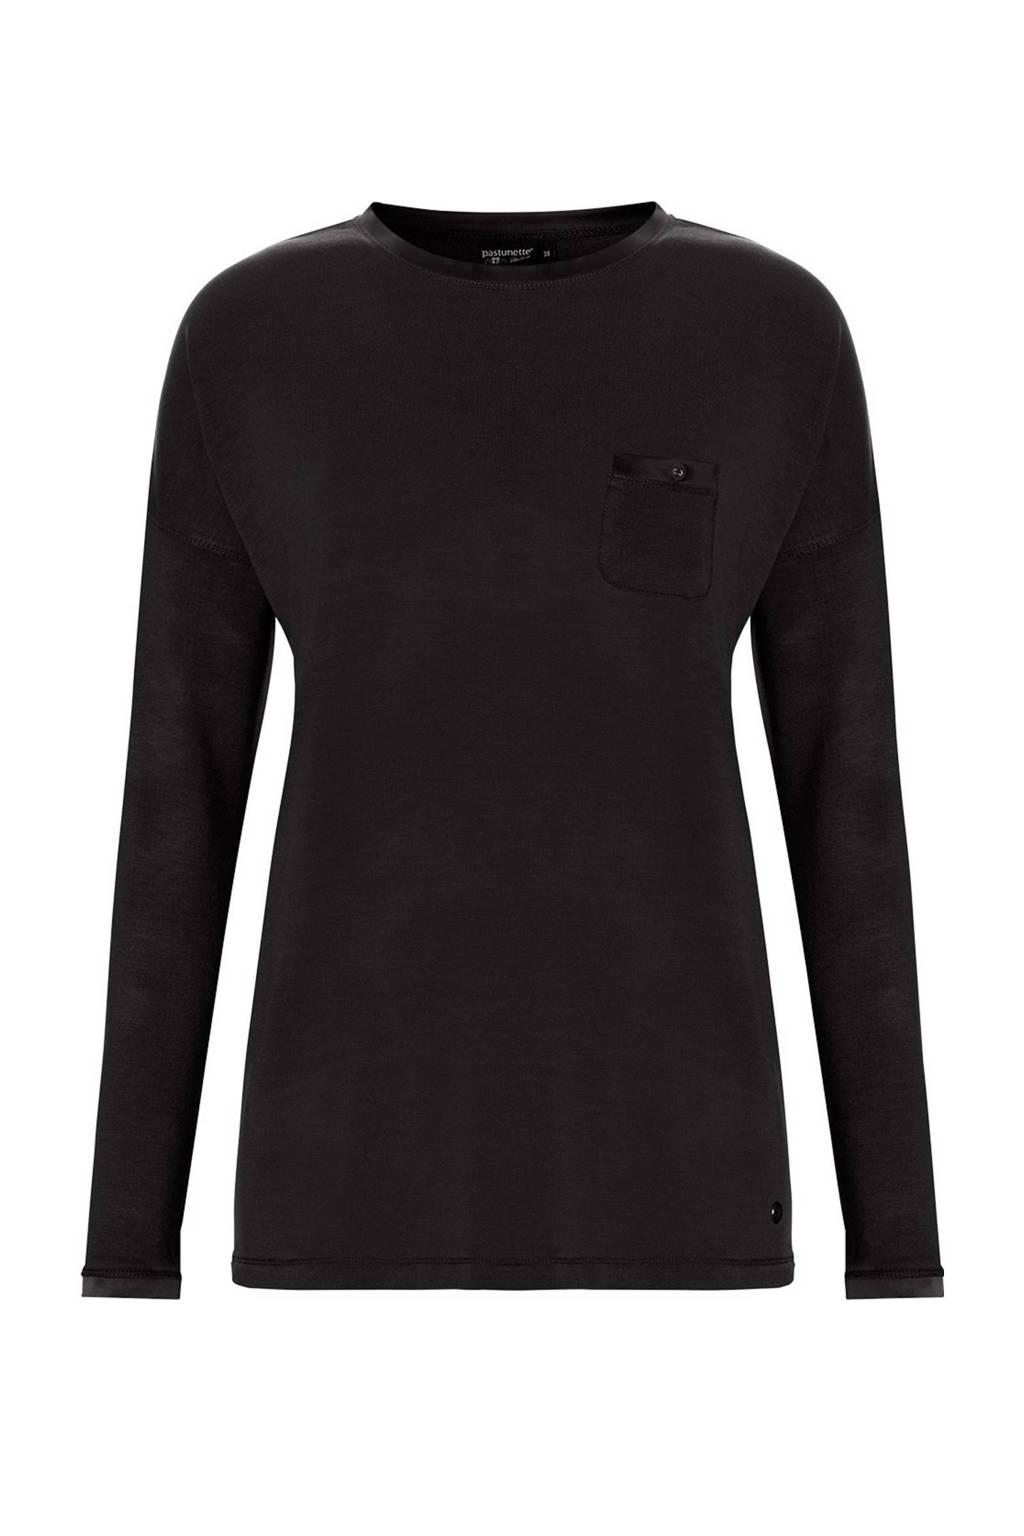 Pastunette Deluxe pyjamatop met viscose zwart, Zwart